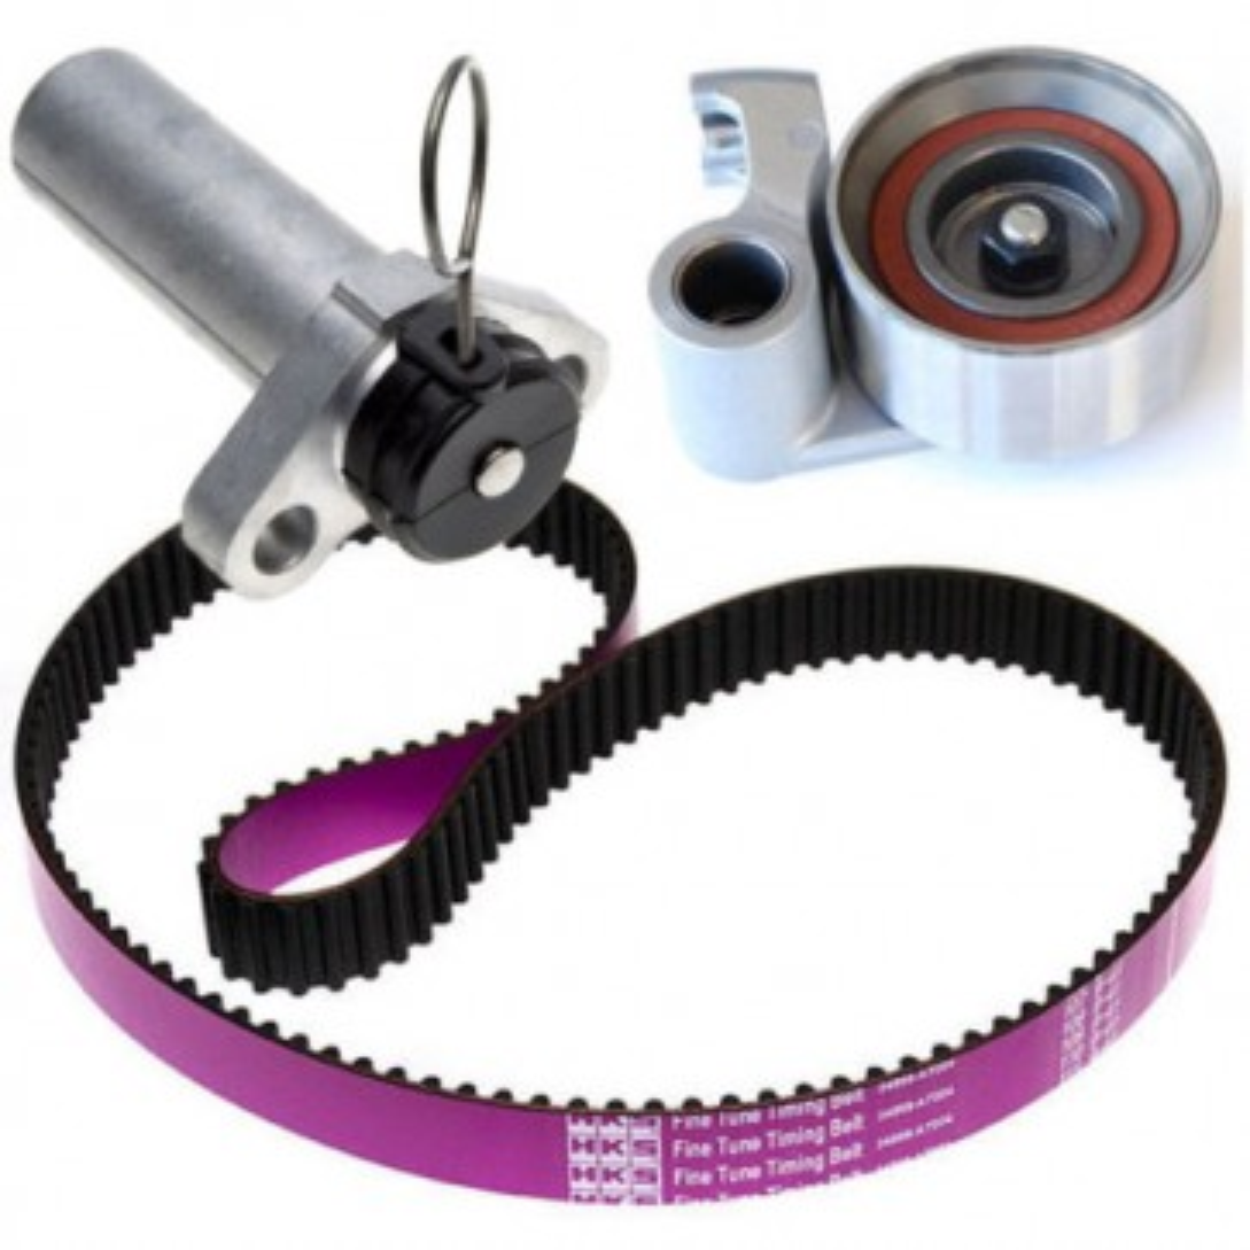 Uprated HKS Cam Belt Timing Belt Kit W Tensioner & Assy Fits Toyota Supra JZA80 / Aristo 2JZGTE /  Chaser / MarkII 1JZ-GTE